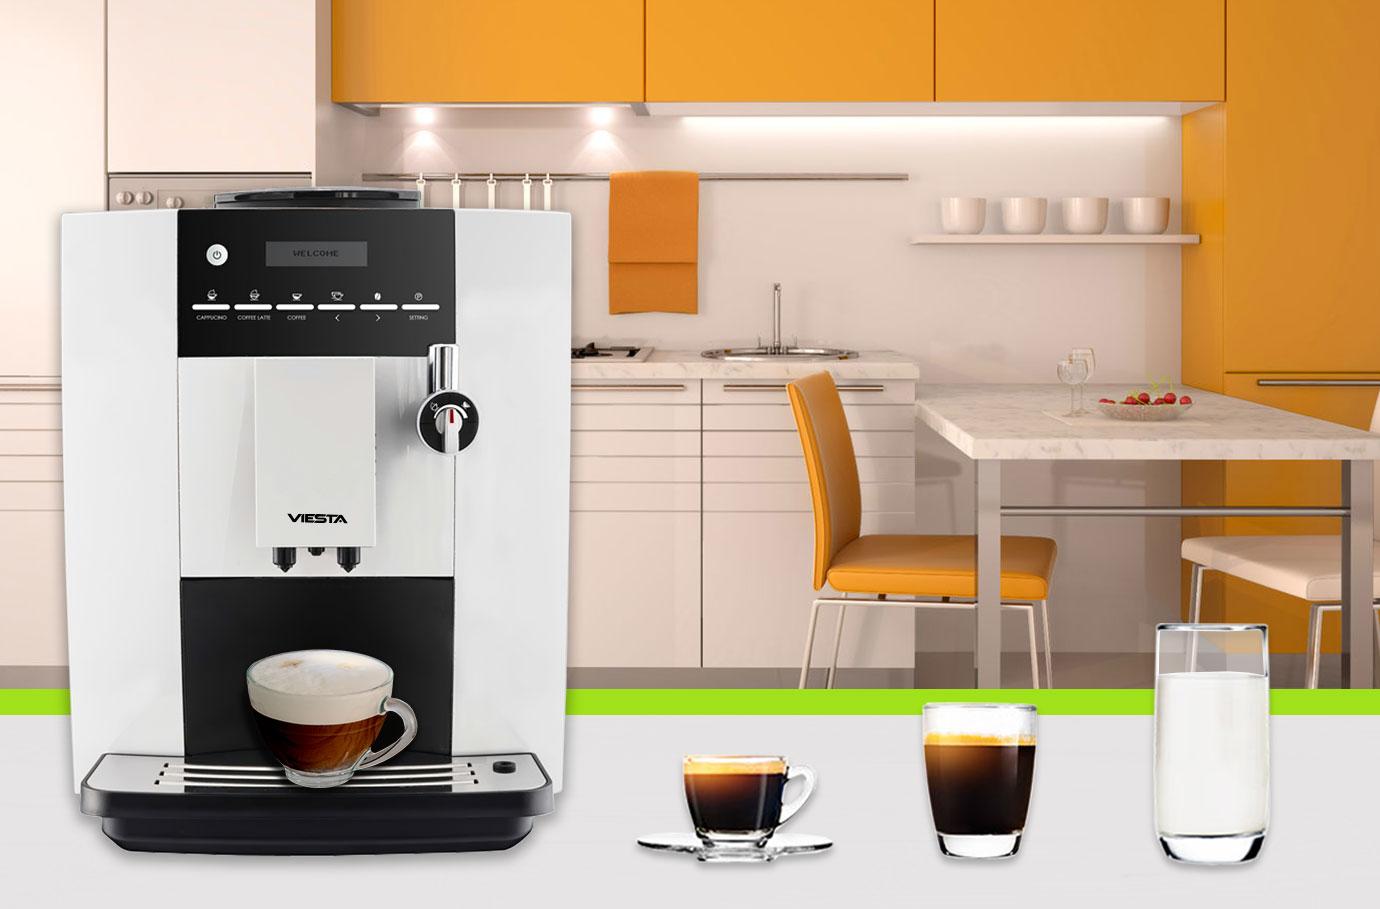 viesta cb350 eco plus kaffeevollautomat mit keramik mahlwerk milchaufsch umer ebay. Black Bedroom Furniture Sets. Home Design Ideas